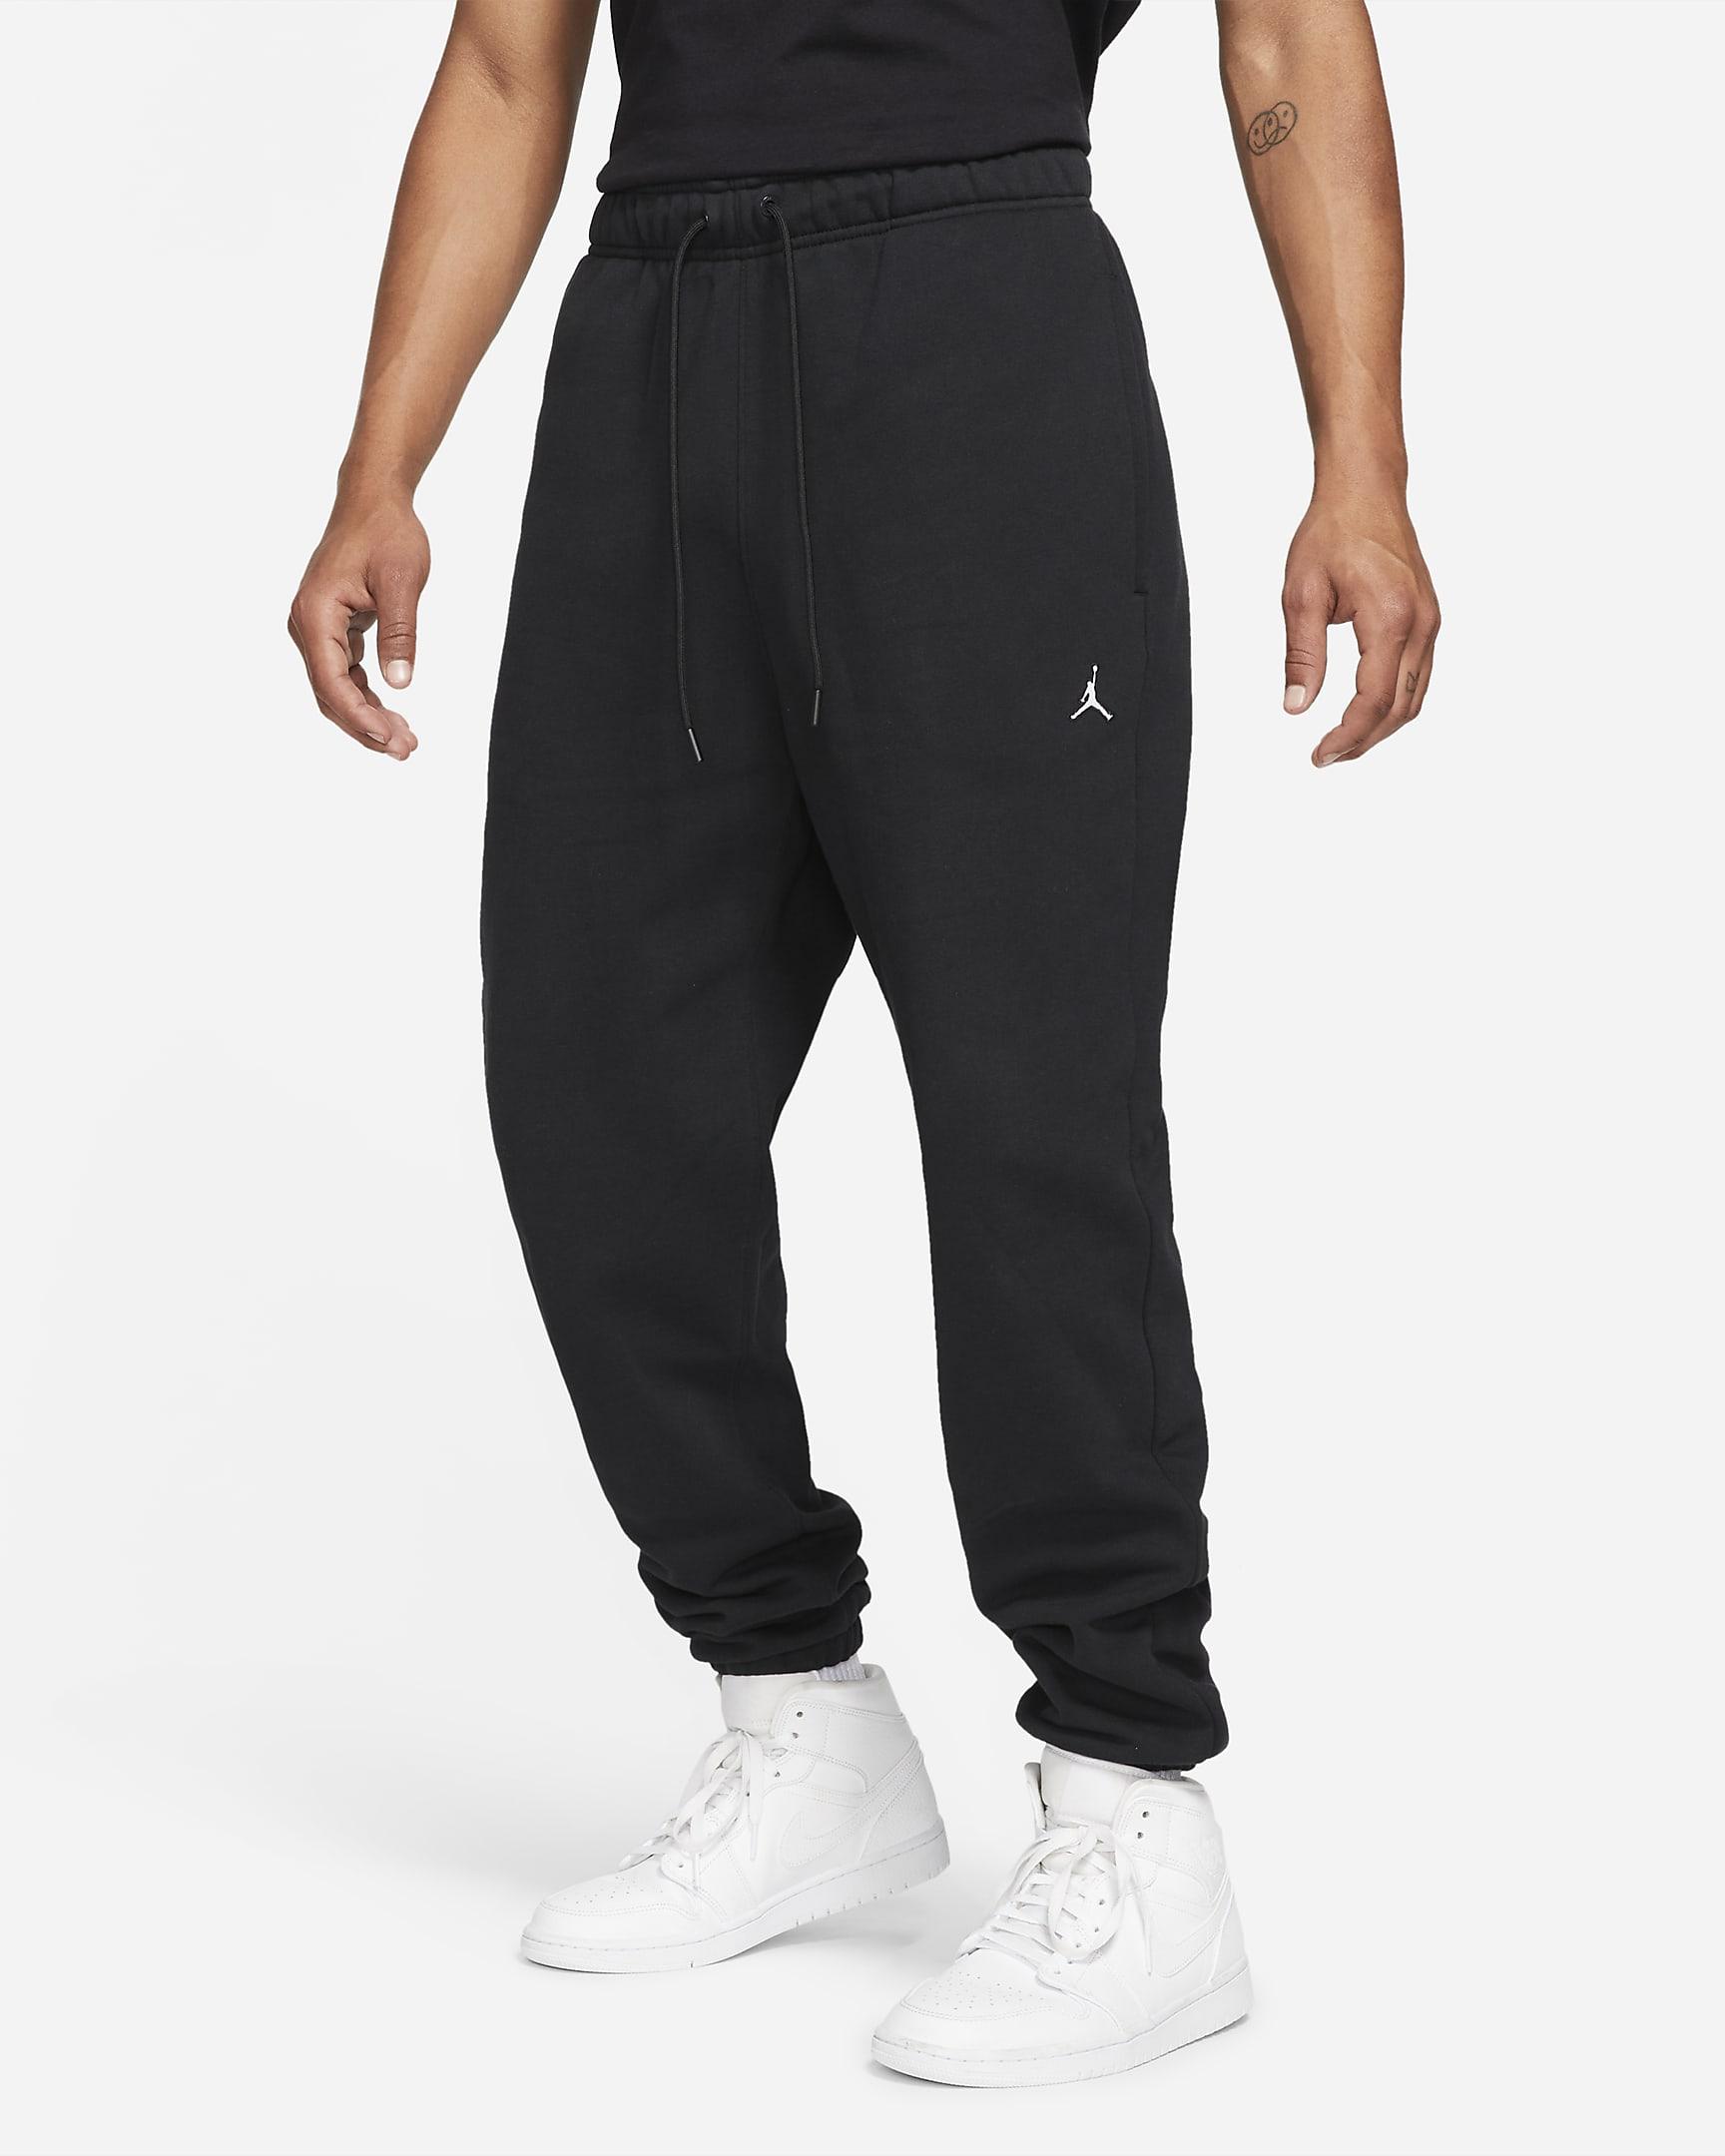 jordan-essentials-mens-fleece-pants-11d5wf.png